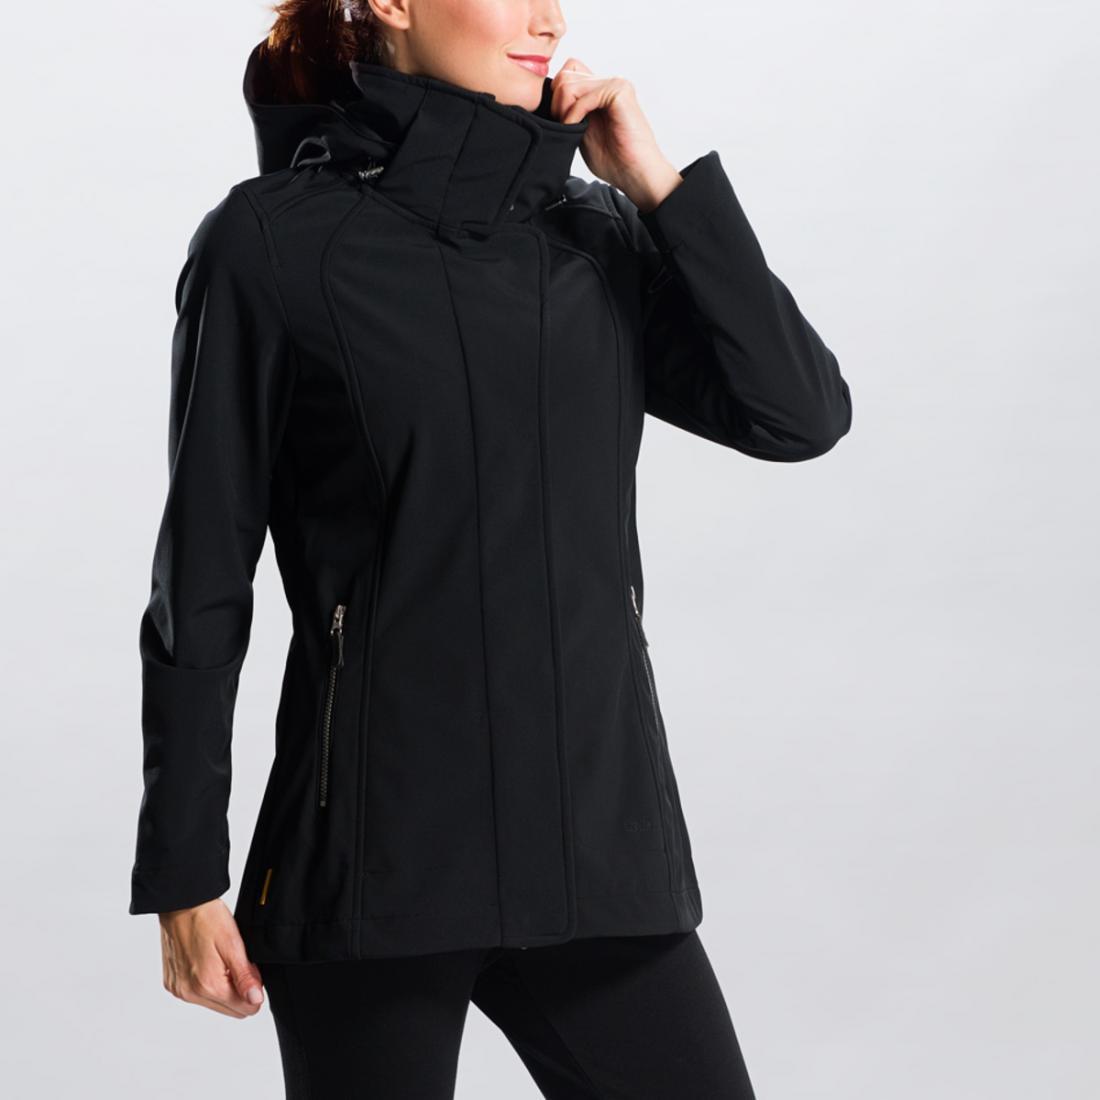 Куртка LUW0191 STUNNING JACKETКуртки<br>Легкий демисезонный плащ из софтшела с оригинальным принтом – функциональная и женственная вещь. <br> <br><br>Регулировки сзади на талии.<br>Воротник-стоечка.<br>Съемный капюшон со стяжками.<br>Два кармана на молнии.&lt;/li...<br><br>Цвет: Черный<br>Размер: XS